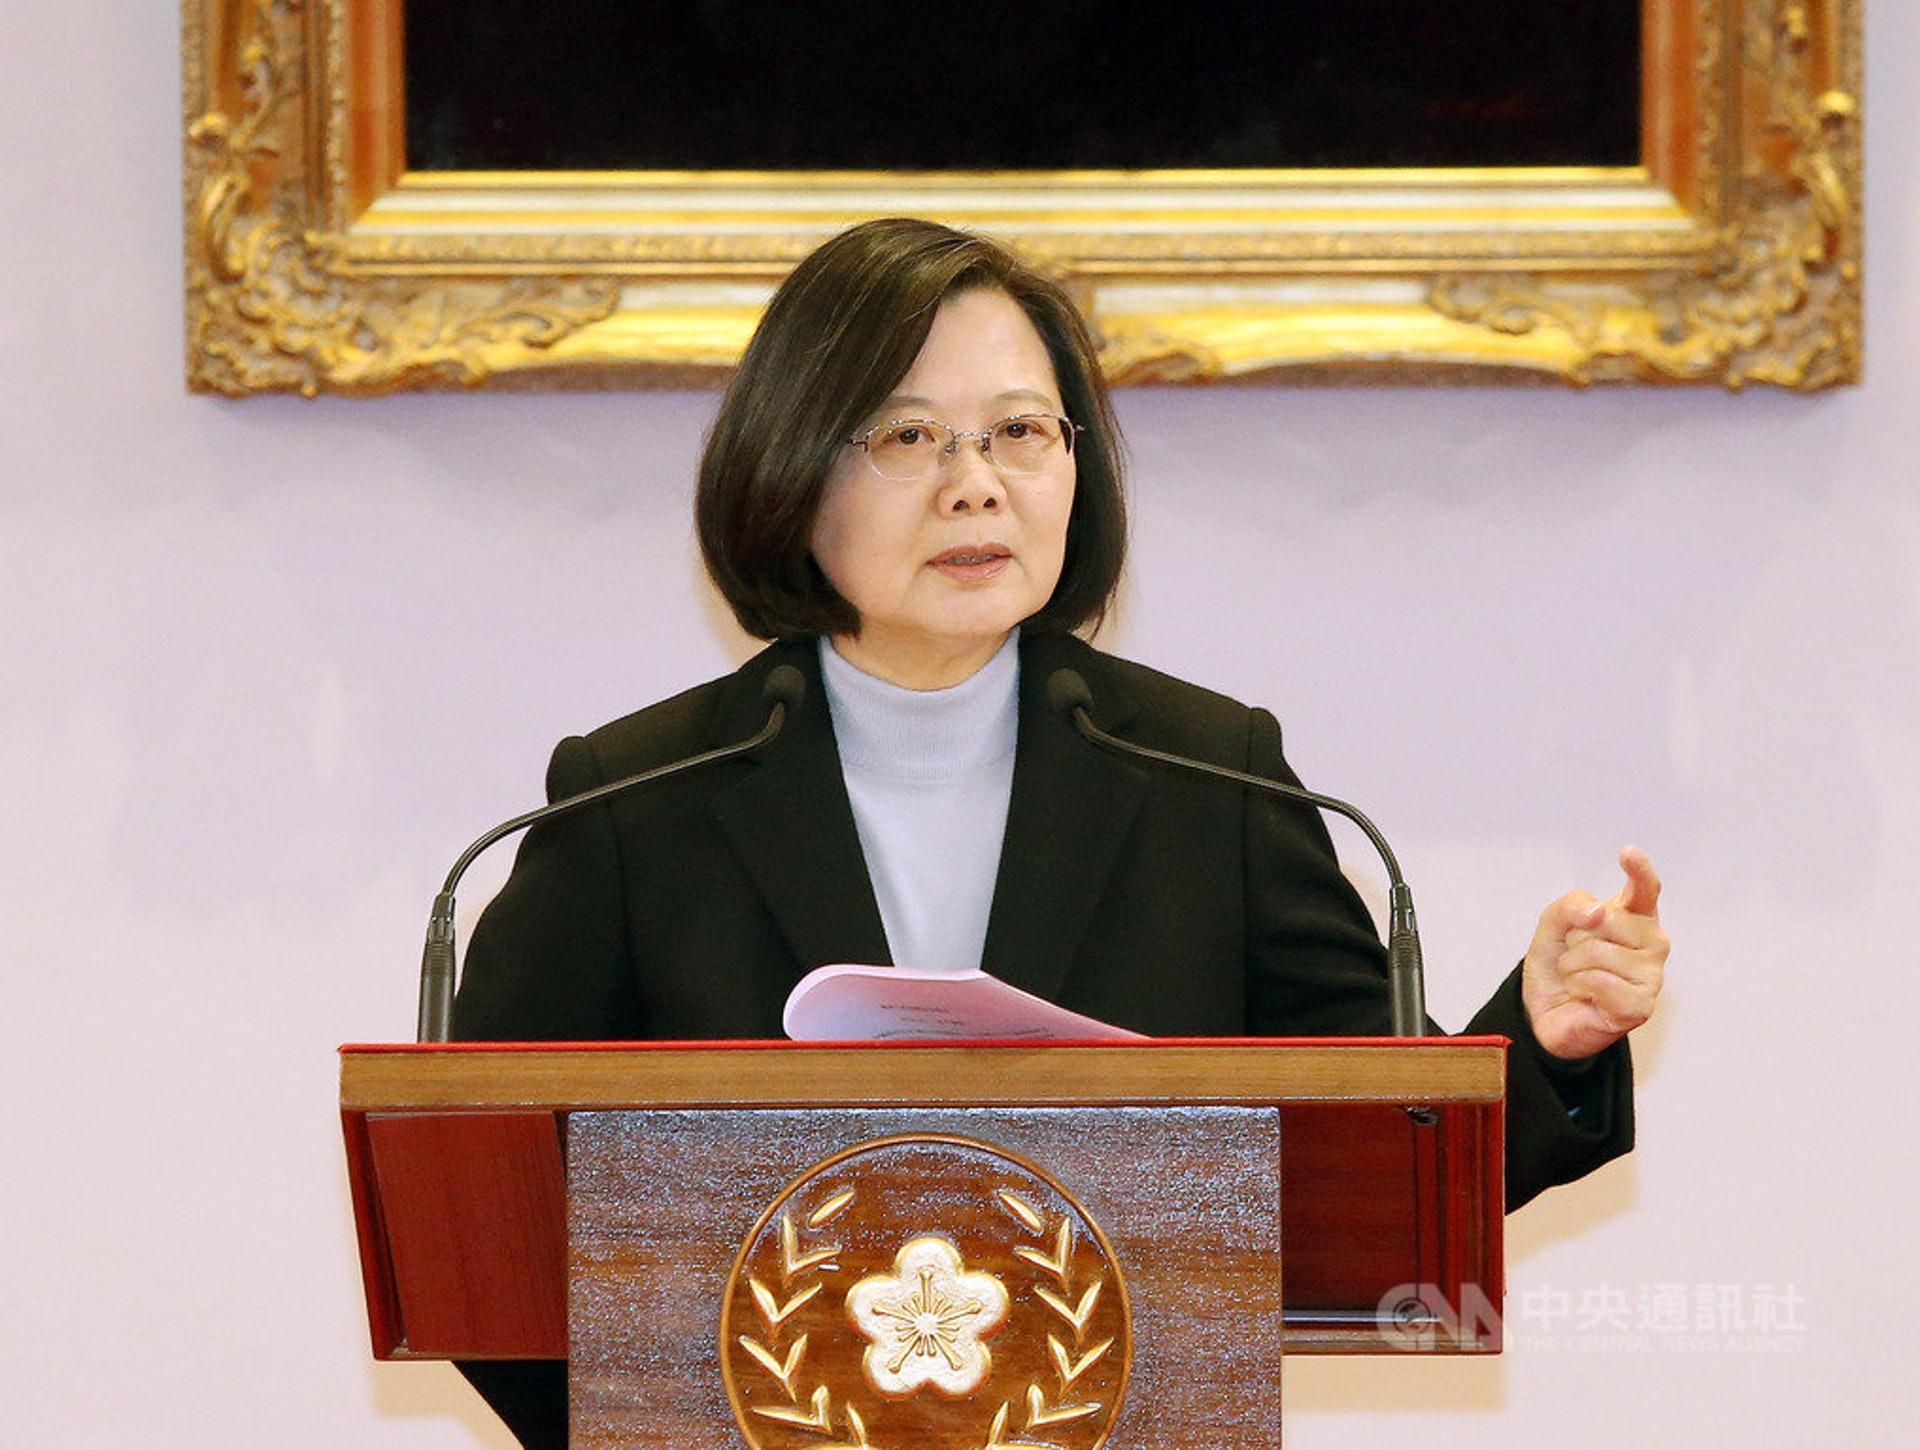 蔡英文后为求连任,再抛出「中华民国台湾」这一新名词,将中华民国和台湾融合一起,大体基调仍是「维持现状」。(中央社)